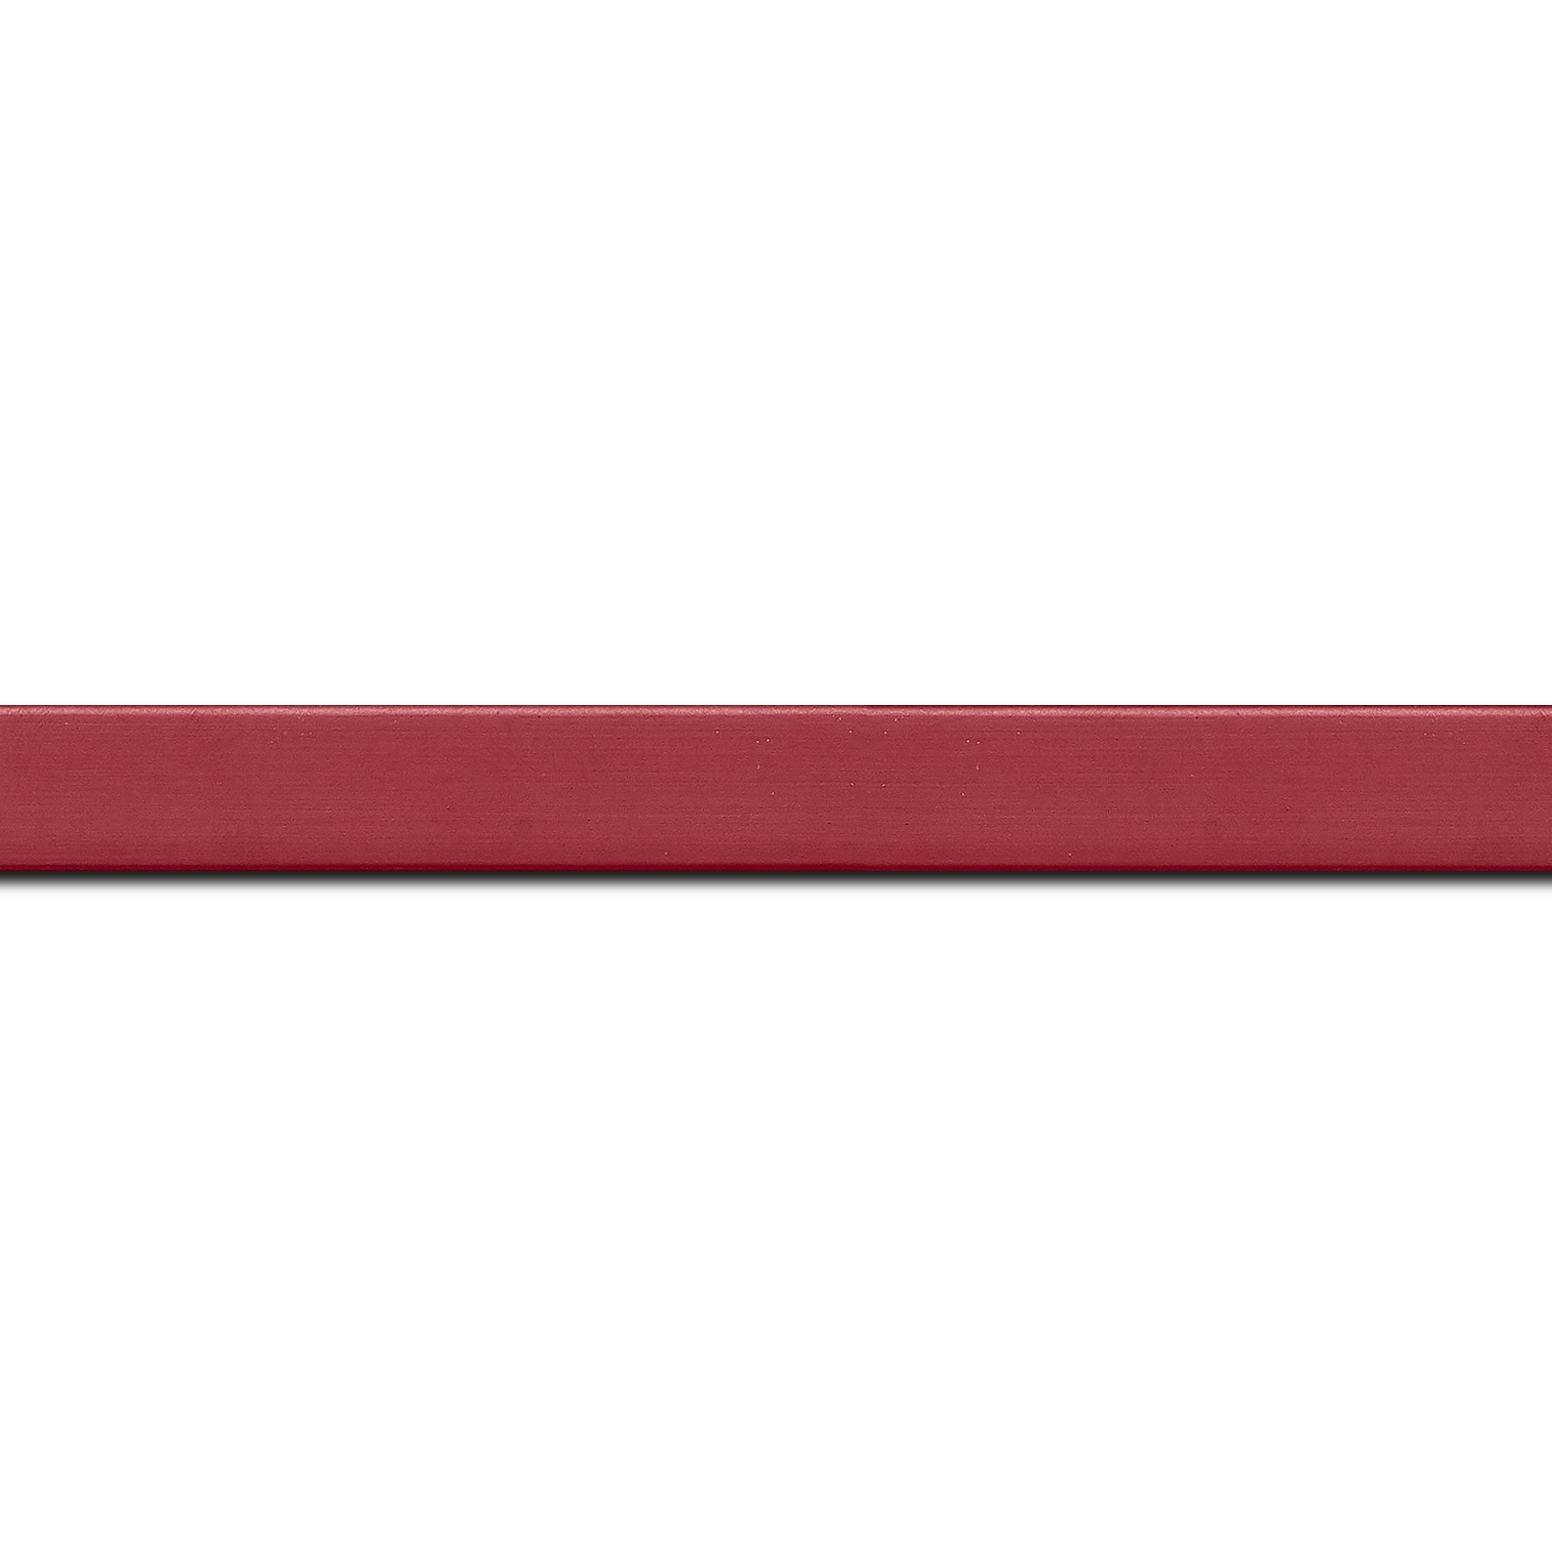 Baguette longueur 1.40m bois profil plat effet cube largeur 1.7cm couleur bordeaux satiné